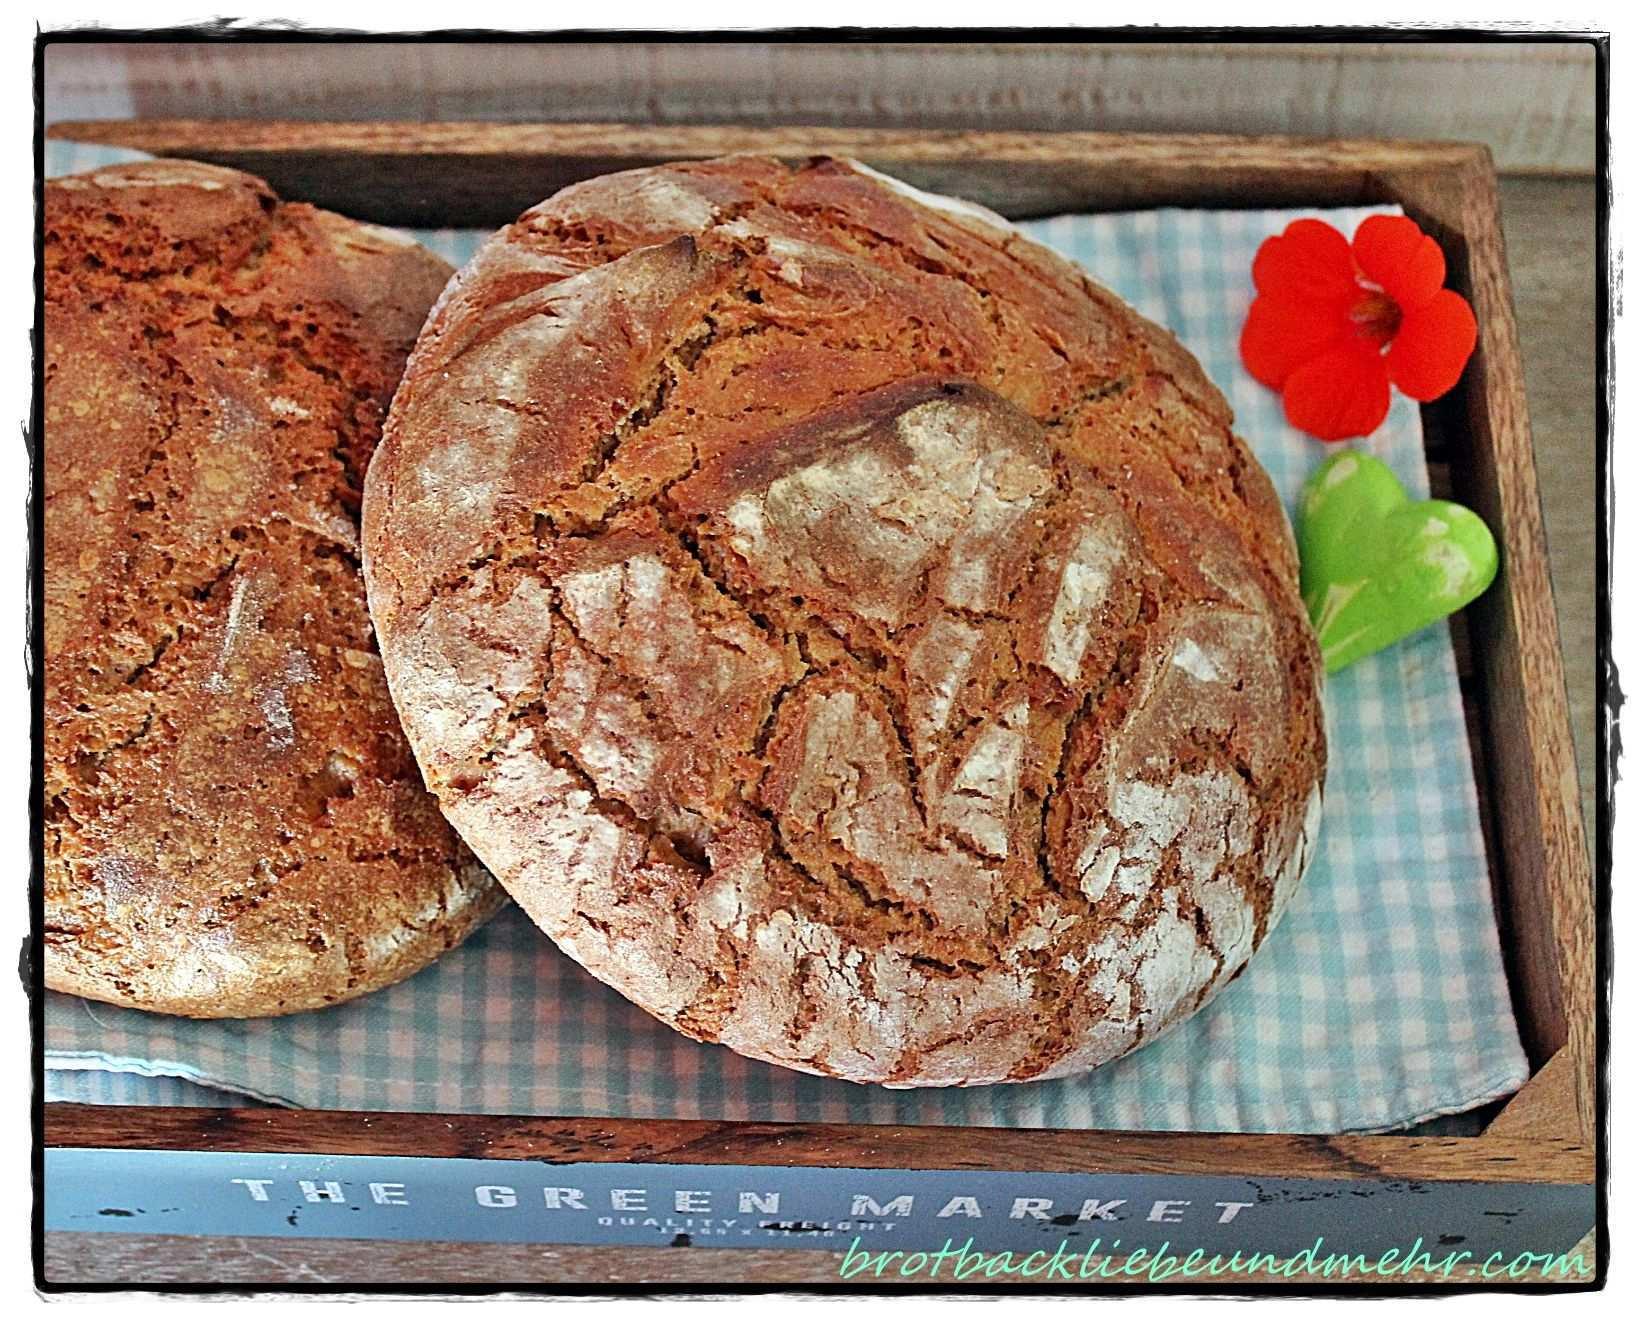 Bauernkruste Brotbackliebe Und Mehr Brot Backen Lebensmittel Essen Backen